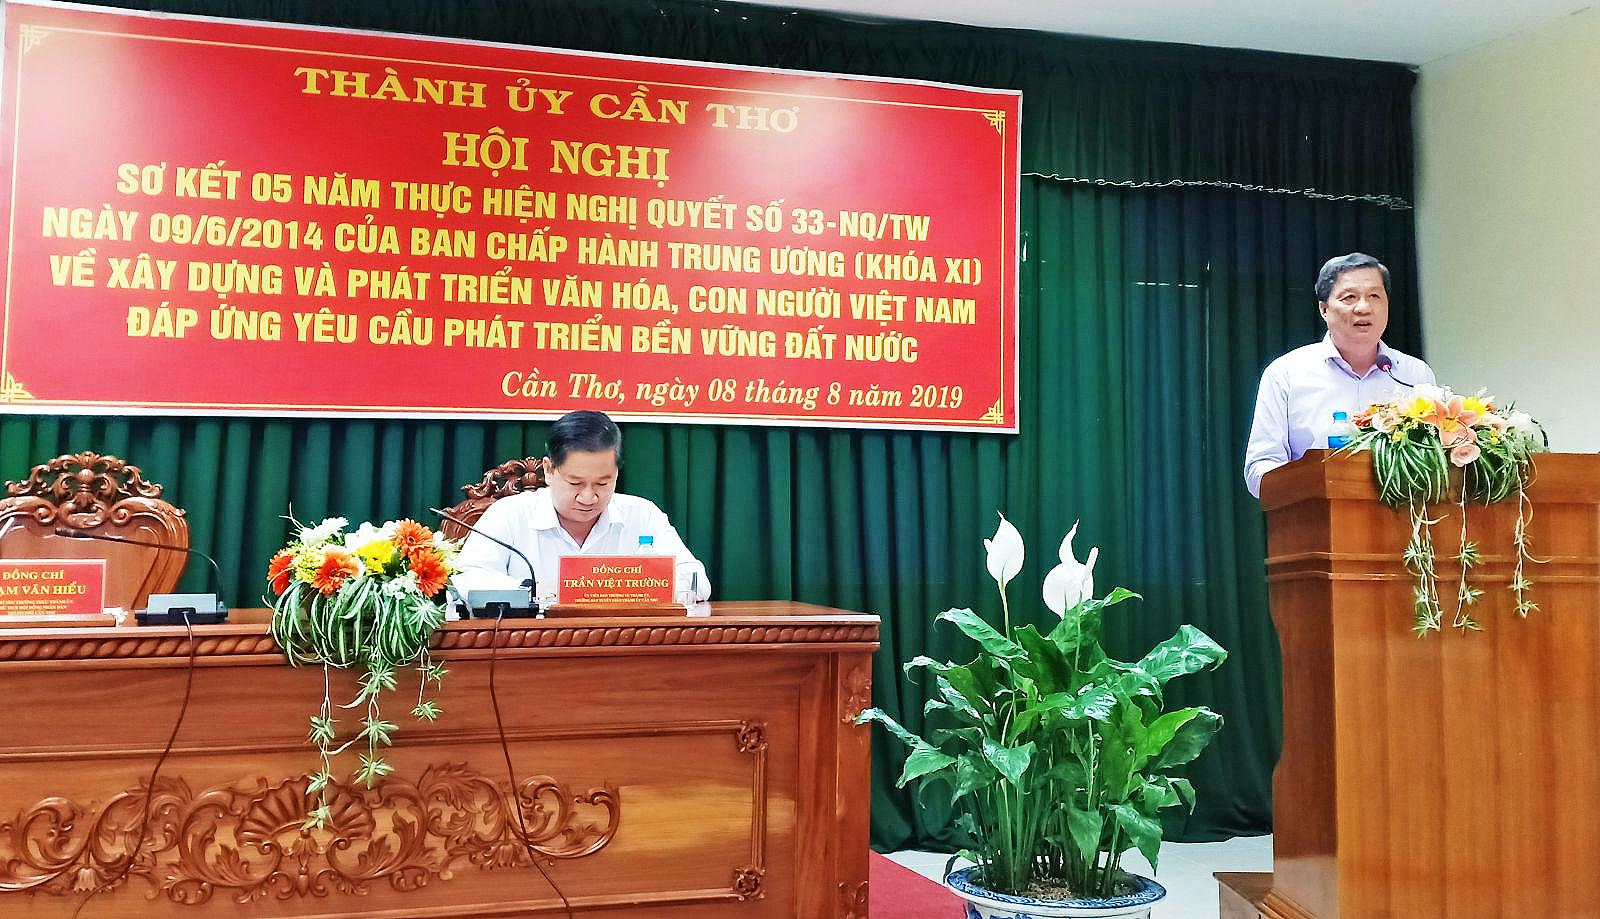 Đồng chí Phạm Văn Hiểu phát biểu chỉ đạo và kết luận Hội nghị.